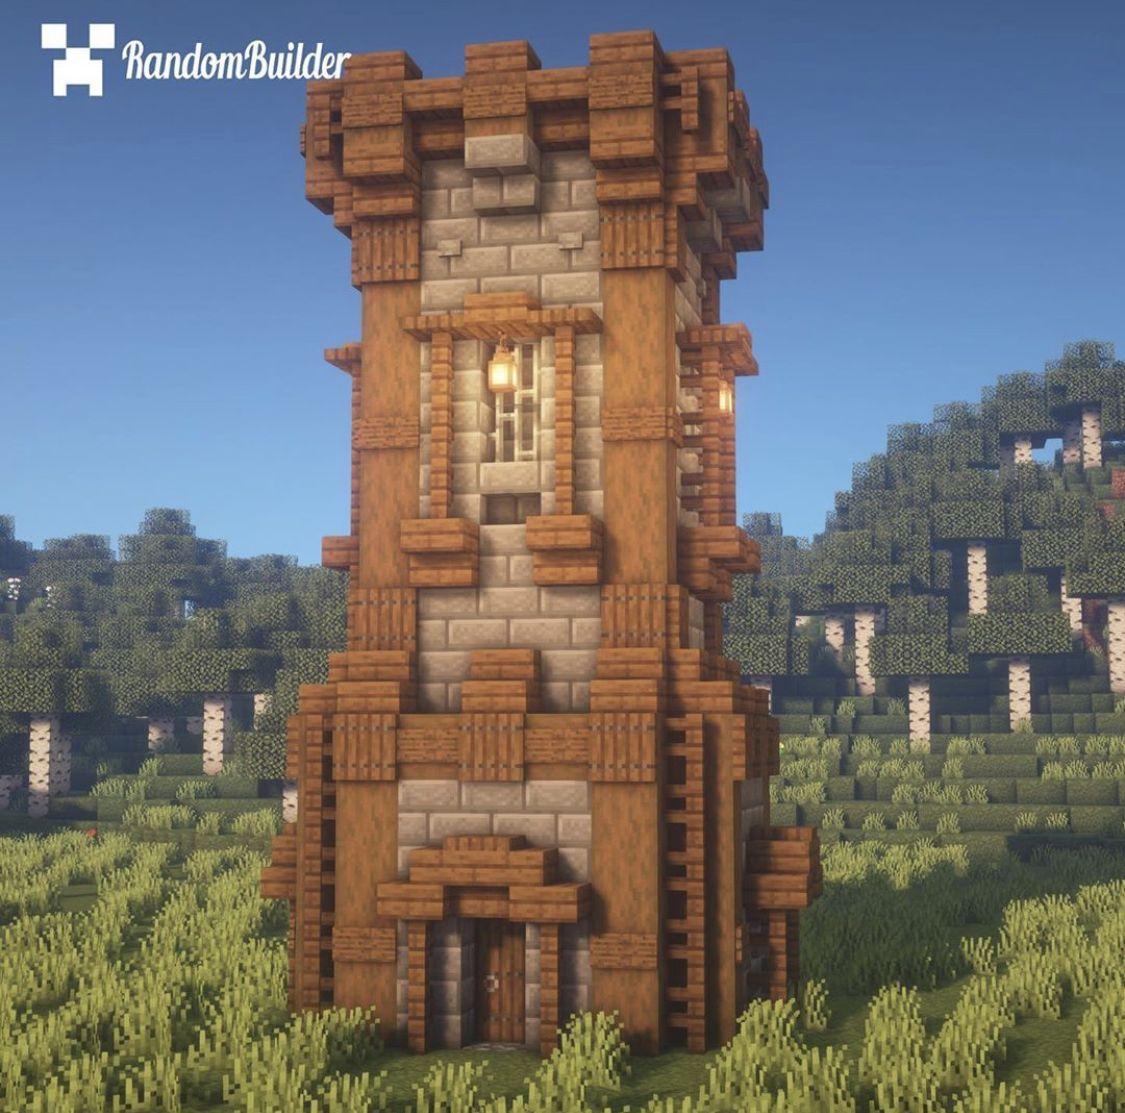 42 Ideas De Minecraft Aesthetic Imágenes De Minecraft Fondos De Minecraft Diseños Minecraft